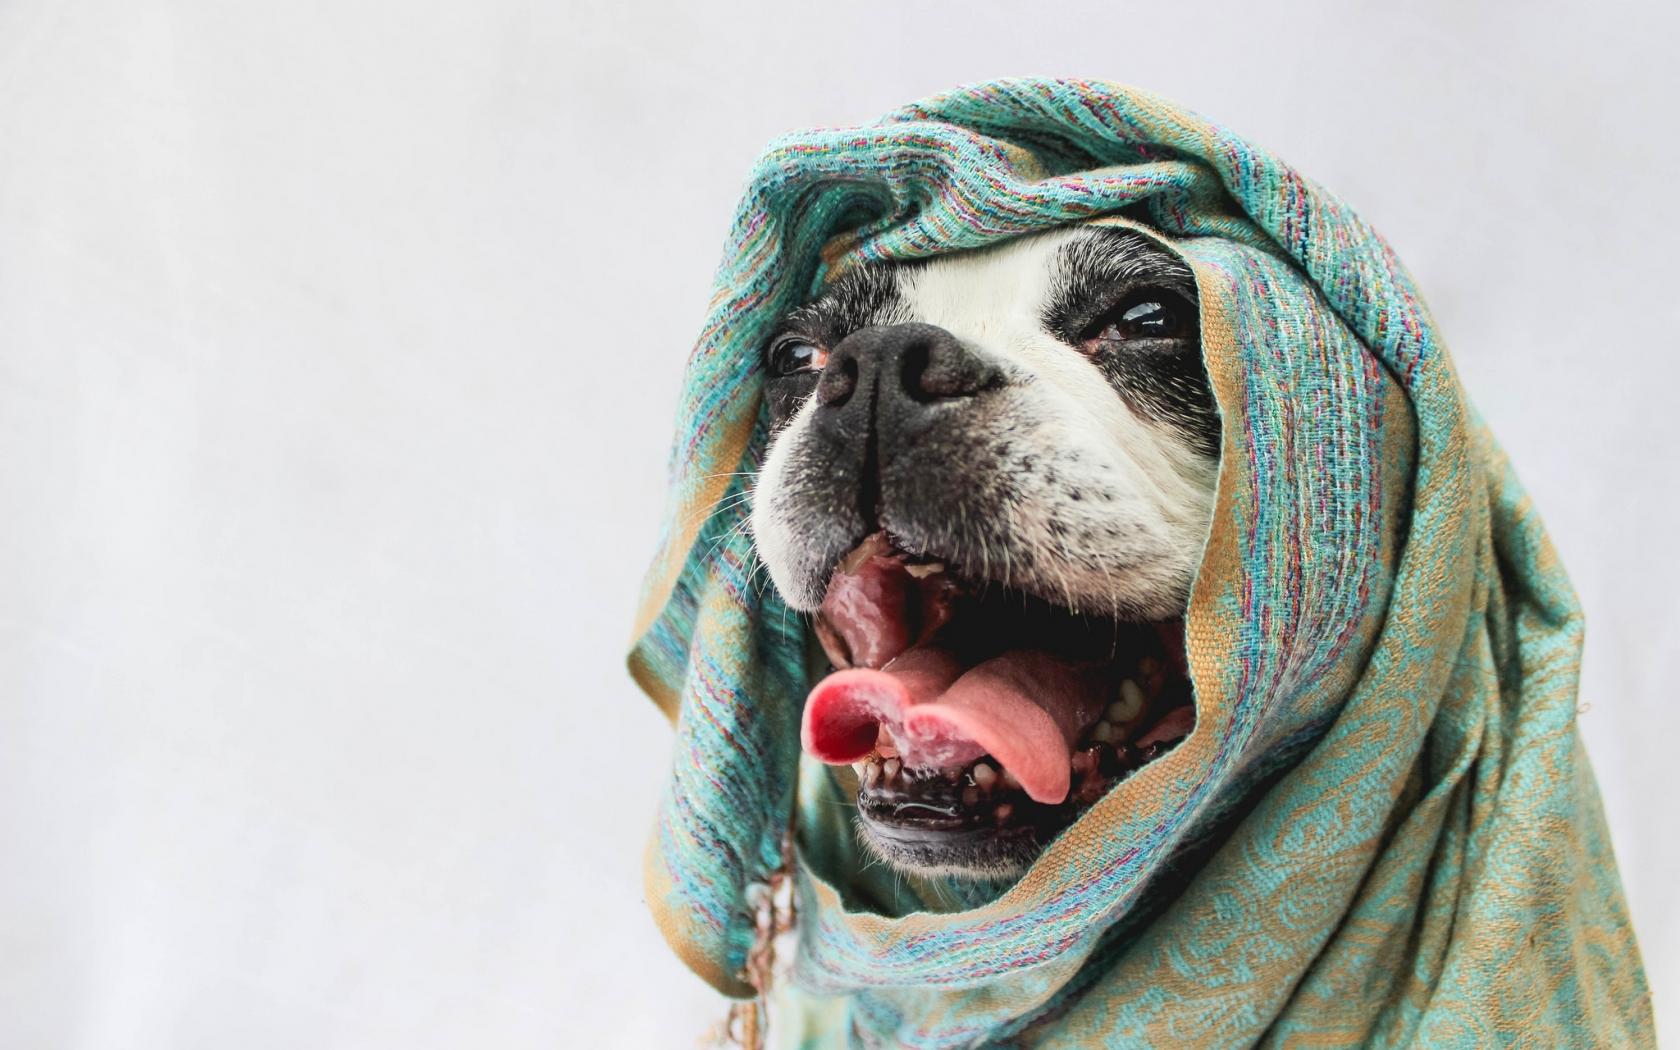 Bufandas para perros - 1680x1050